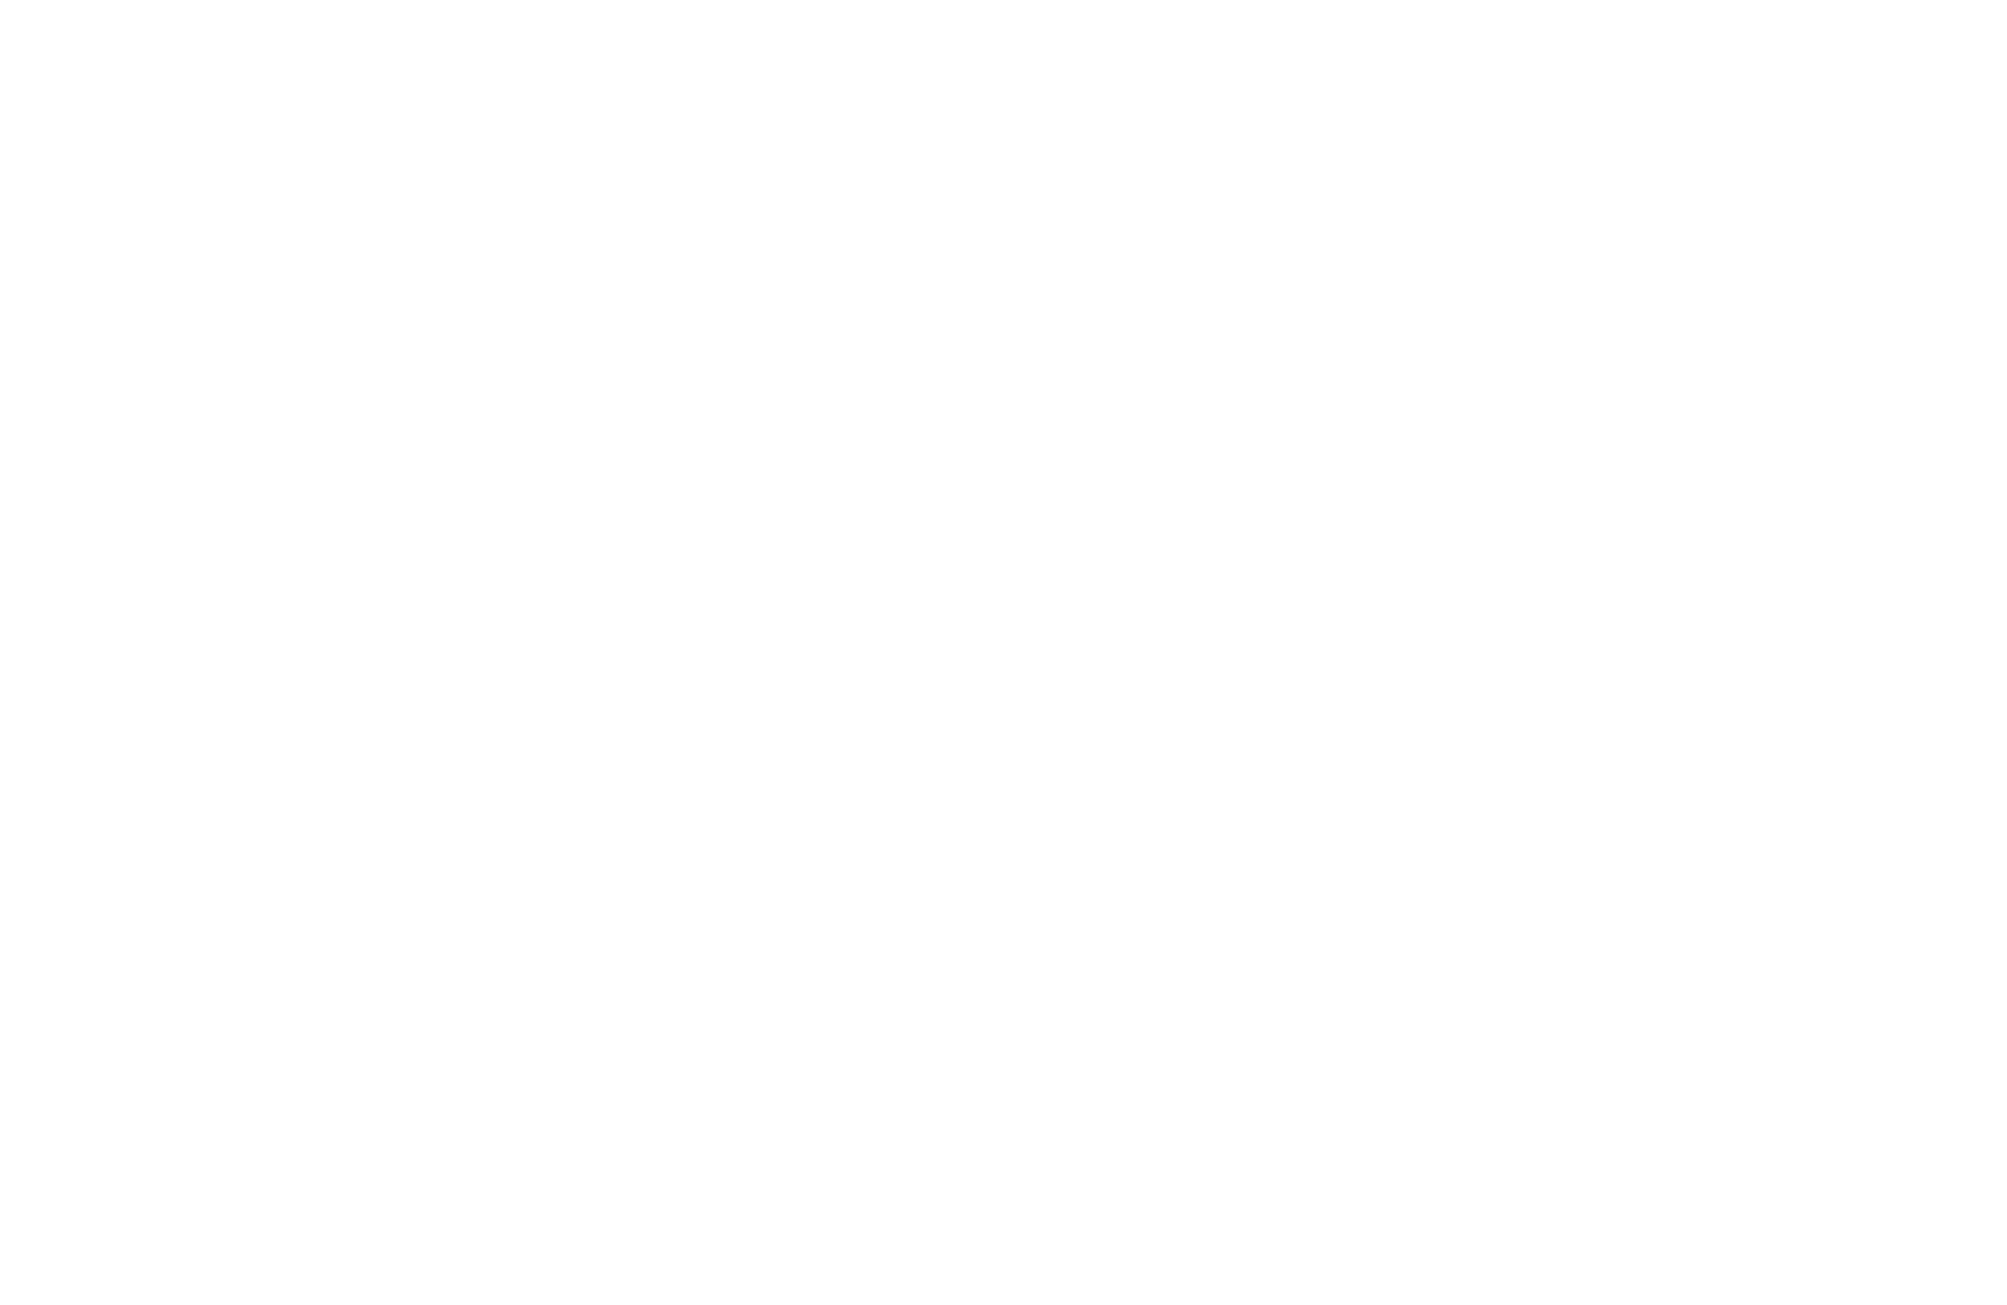 El perfil actual de las personas voluntarias